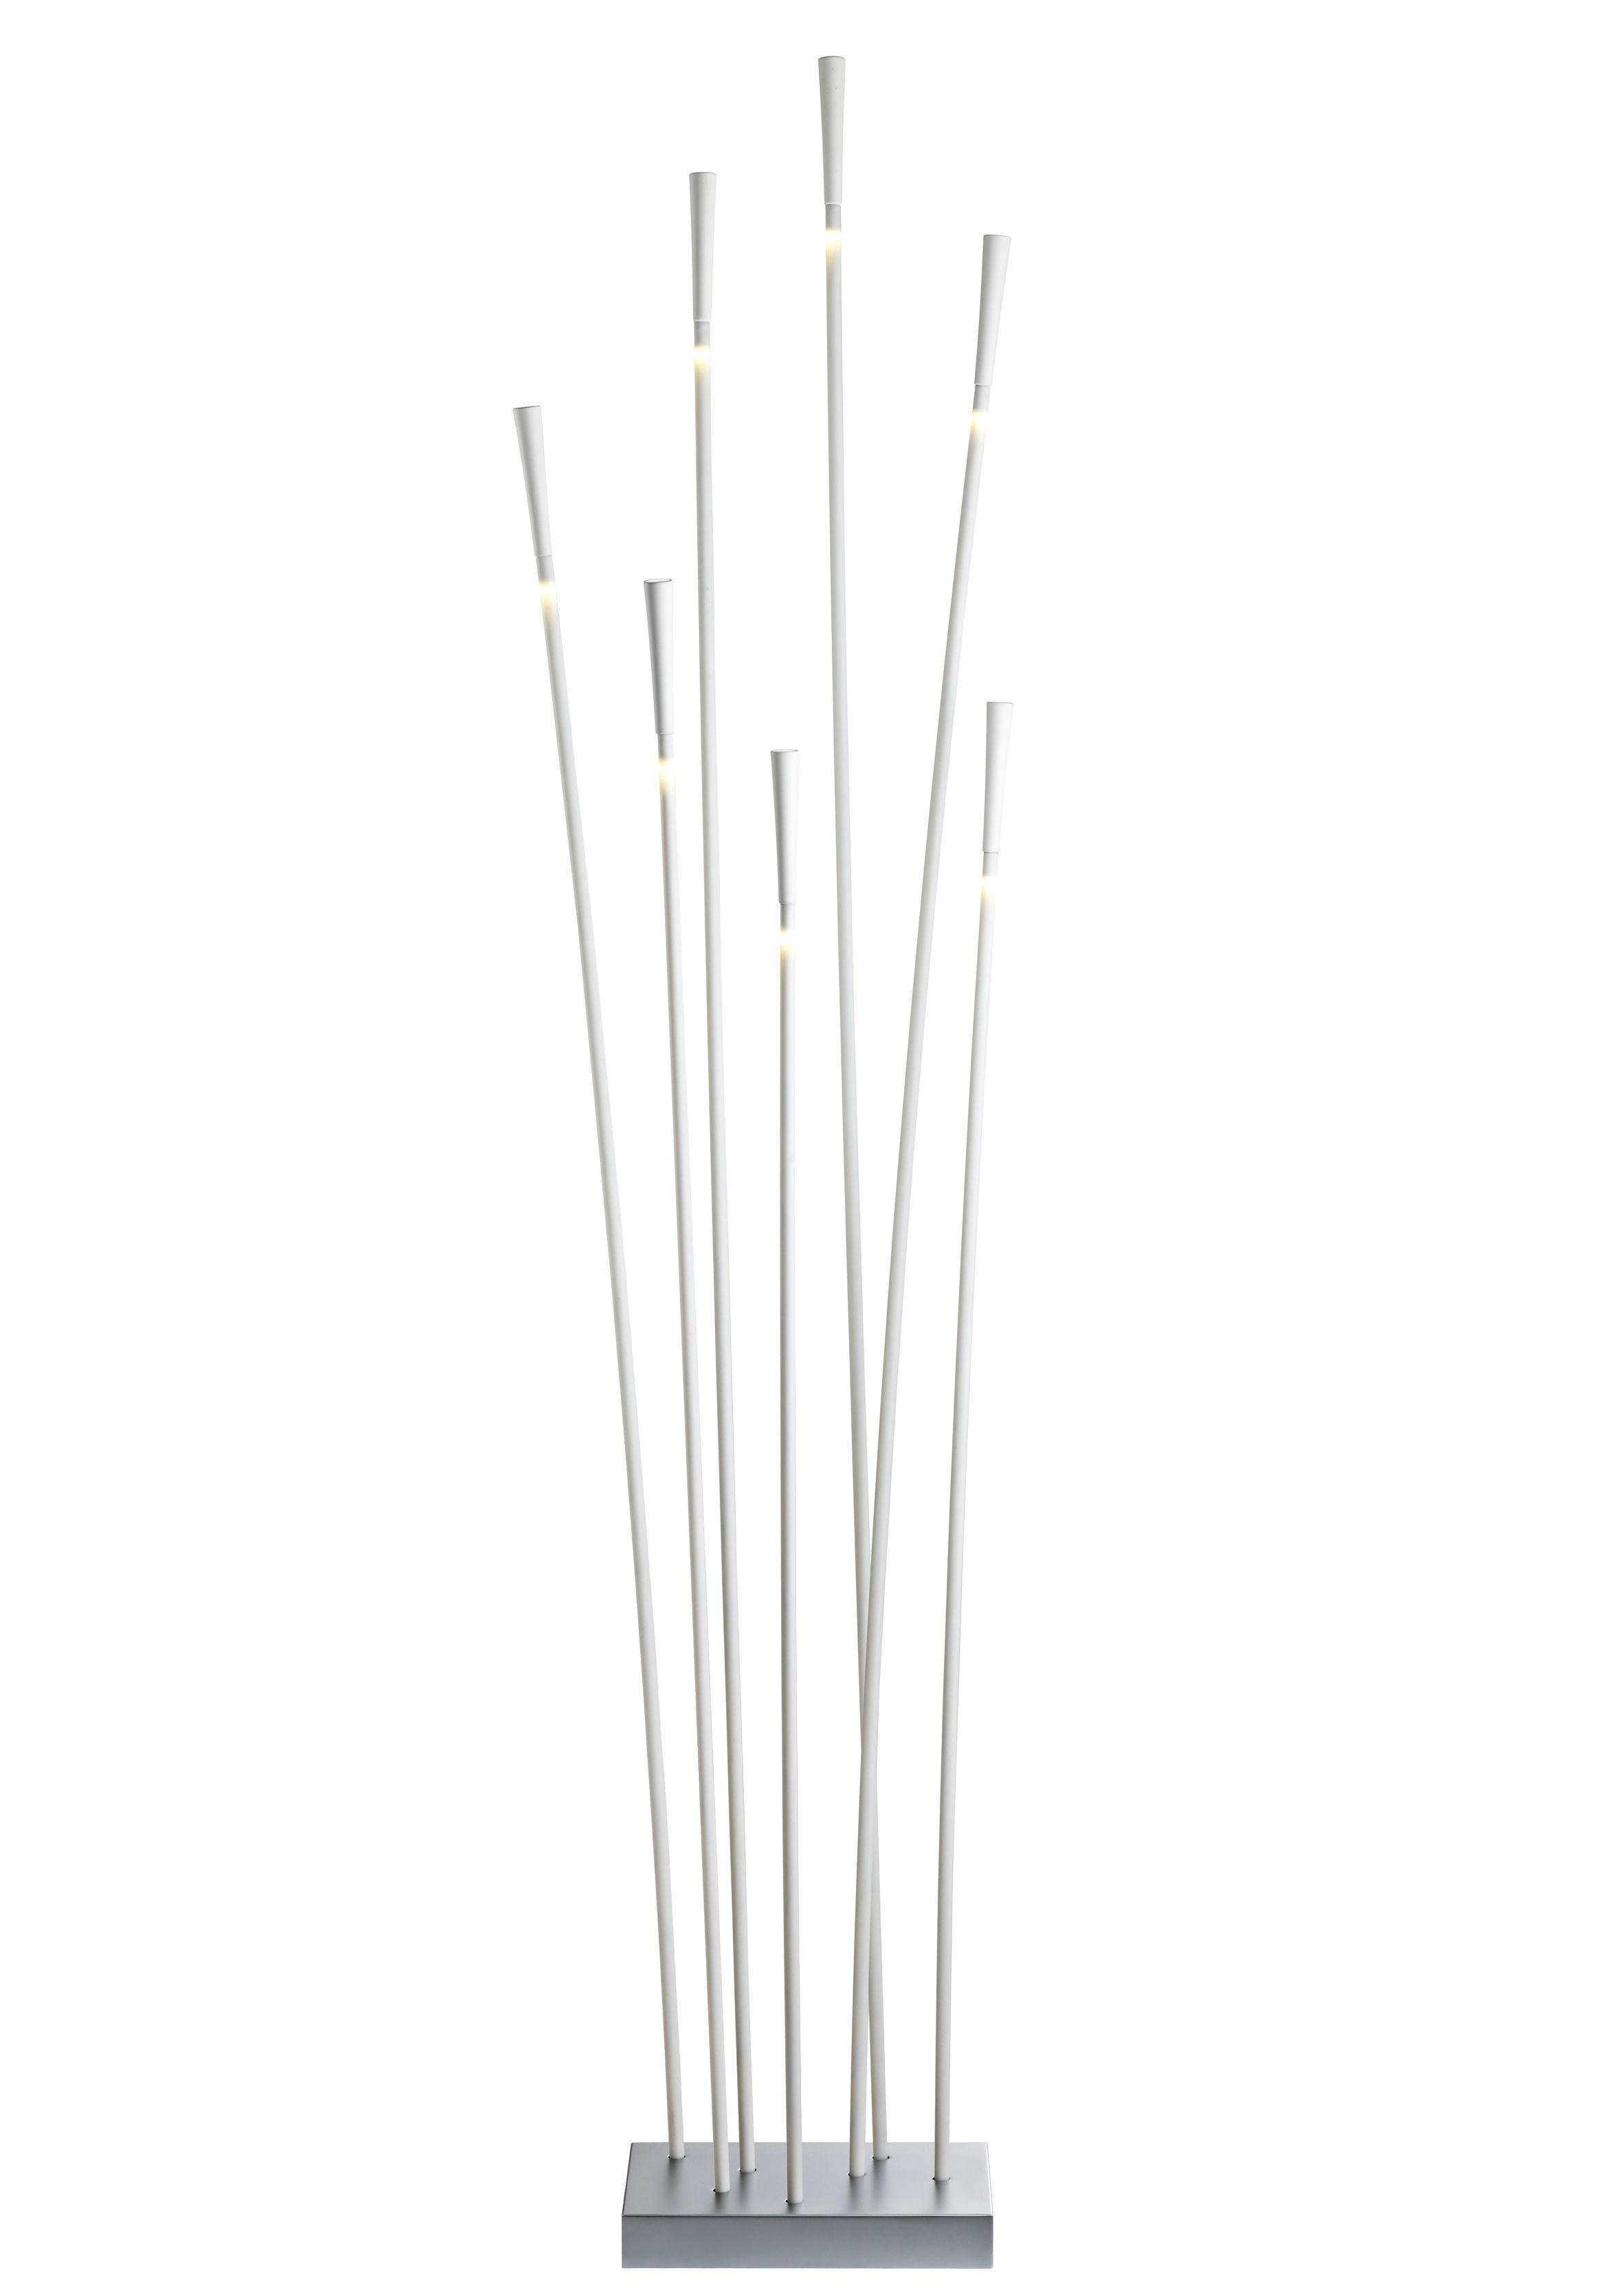 Luminaire - Lampadaires - Lampadaire Giunco 7 tiges LED - Fabbian - Blanc - Fibre de verre, Matière plastique, Métal peint